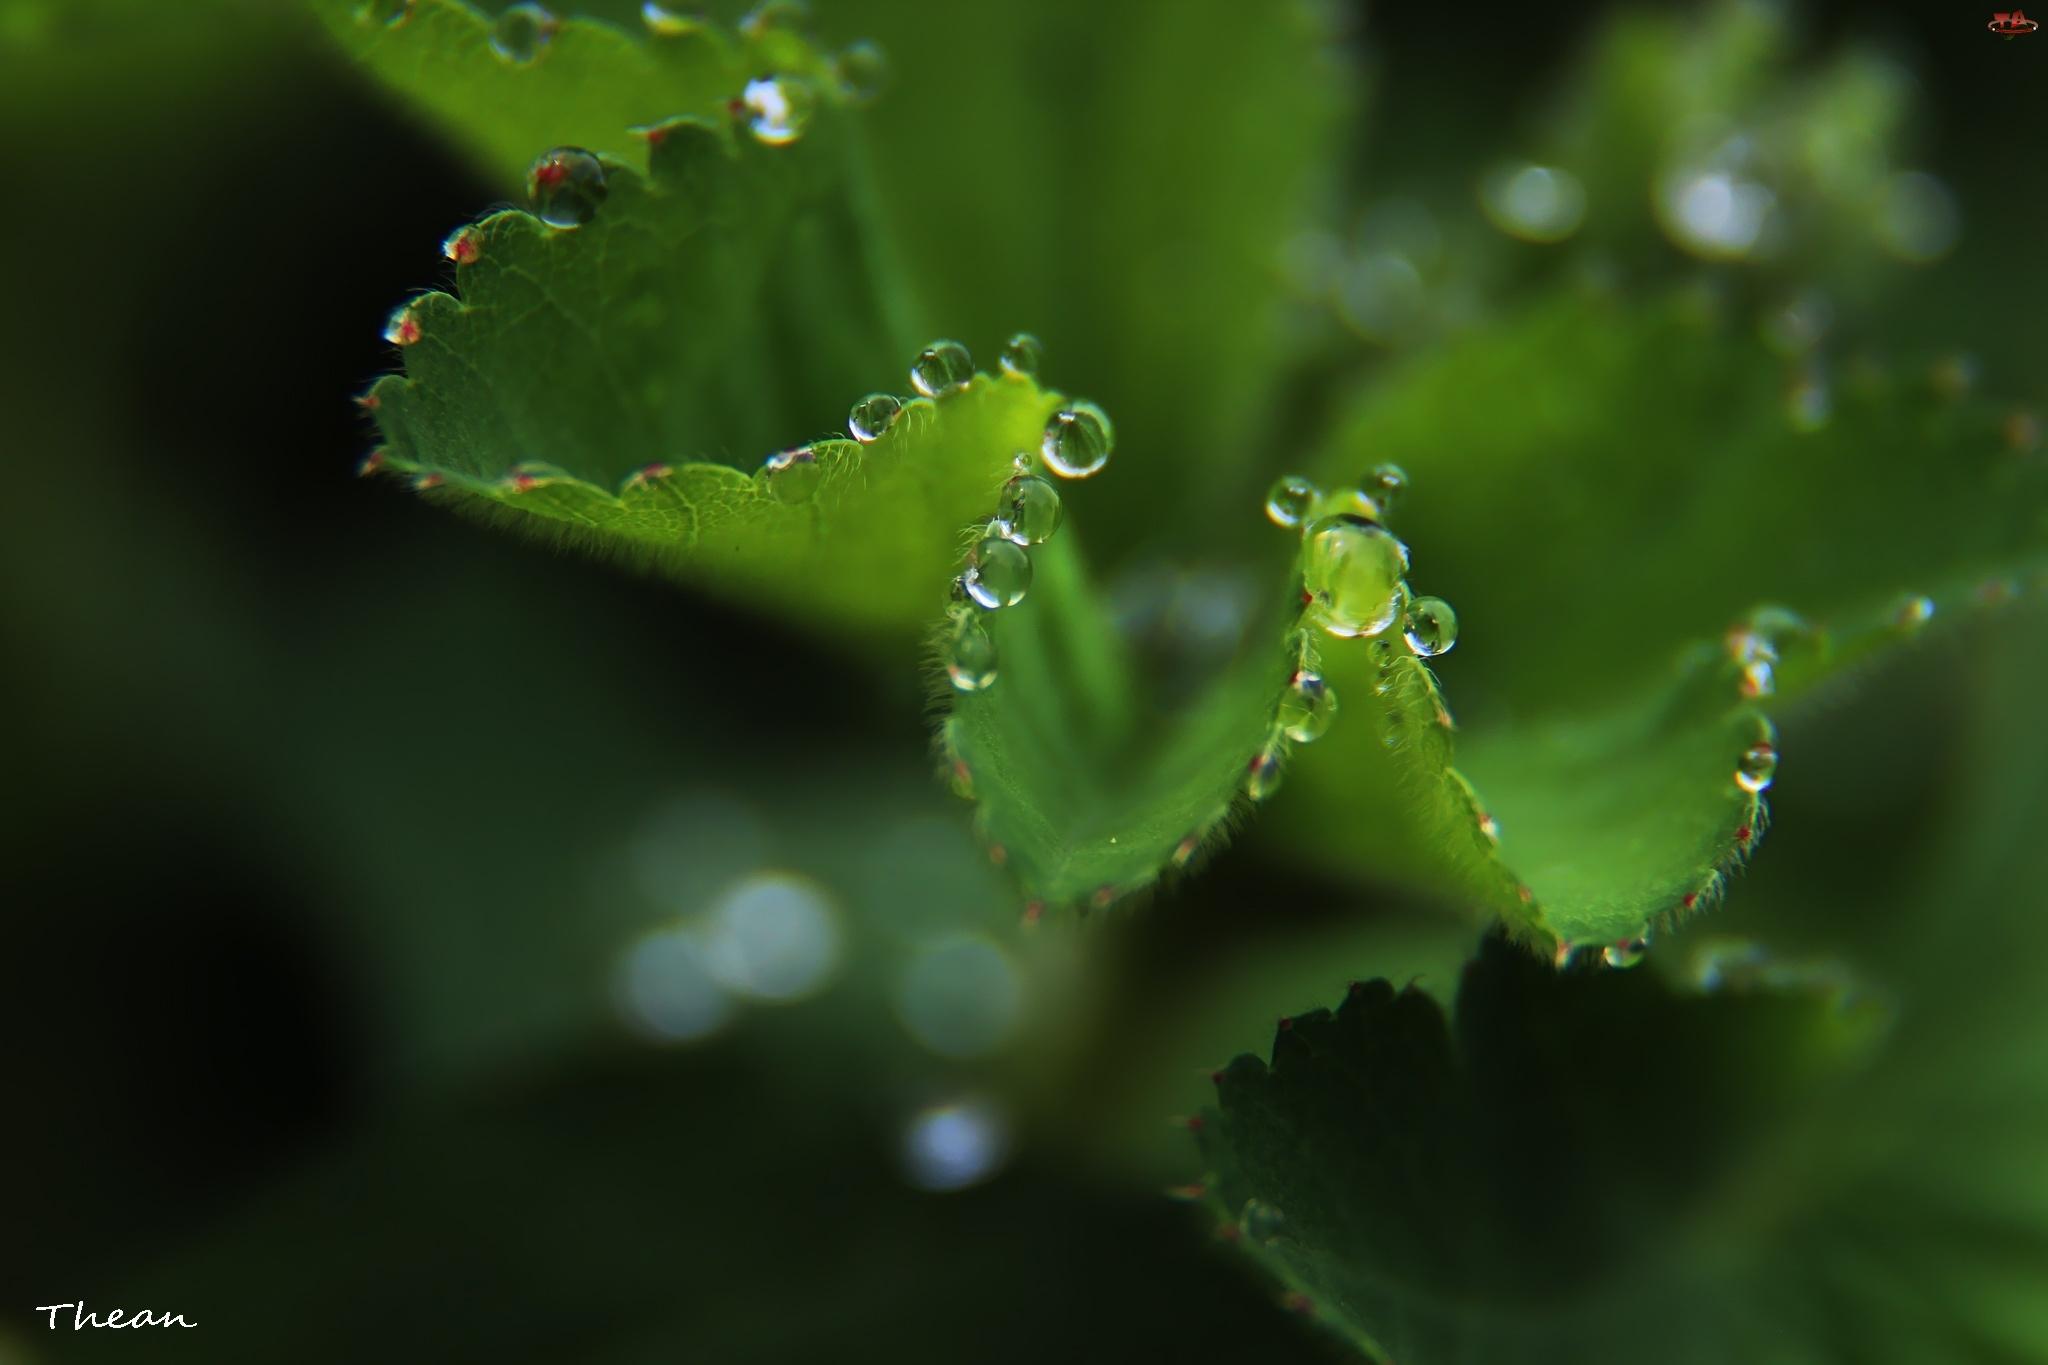 Deszczu, Liście, Krople